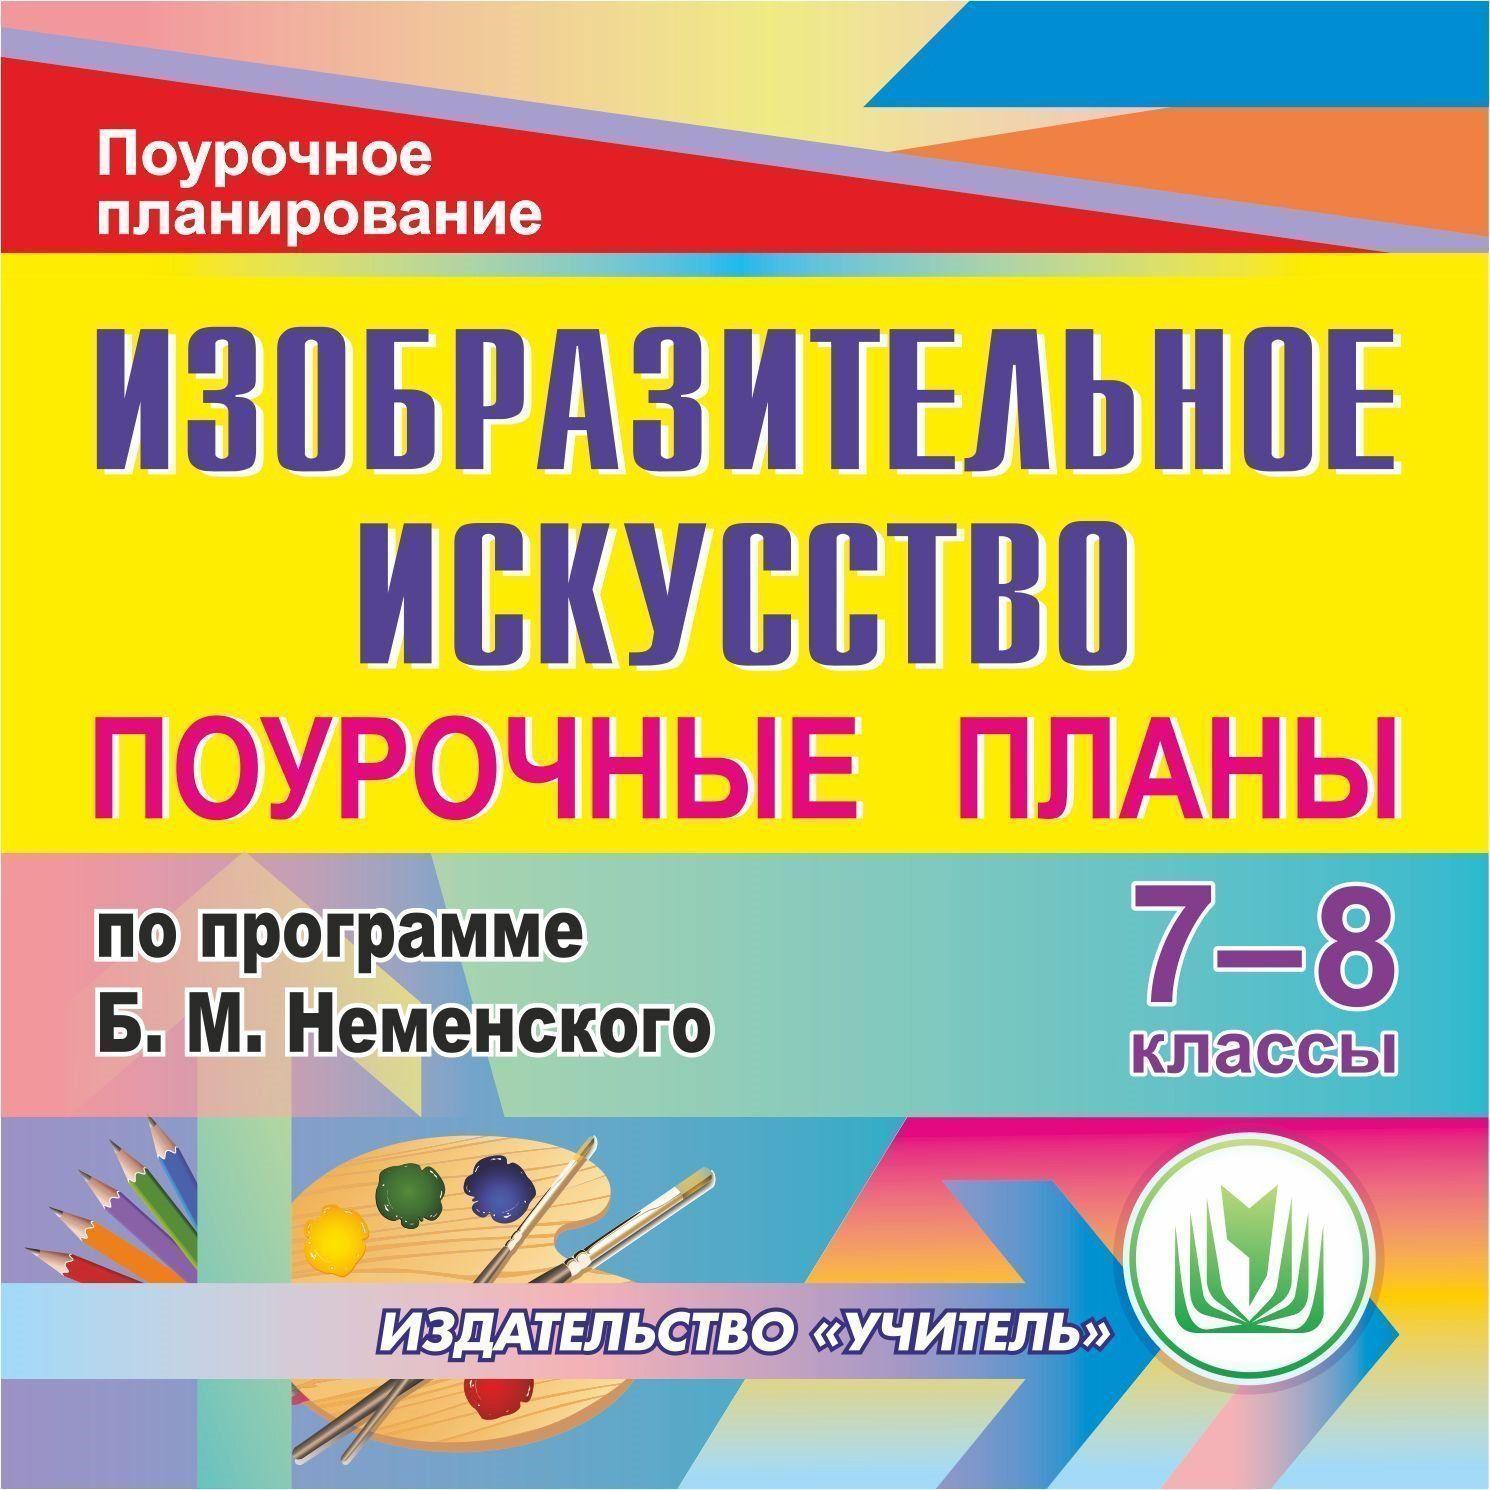 Изобразительное искусство. 7-8 классы: поурочные планы по программе Б. М. Неменского. Программа для установки через Интернет